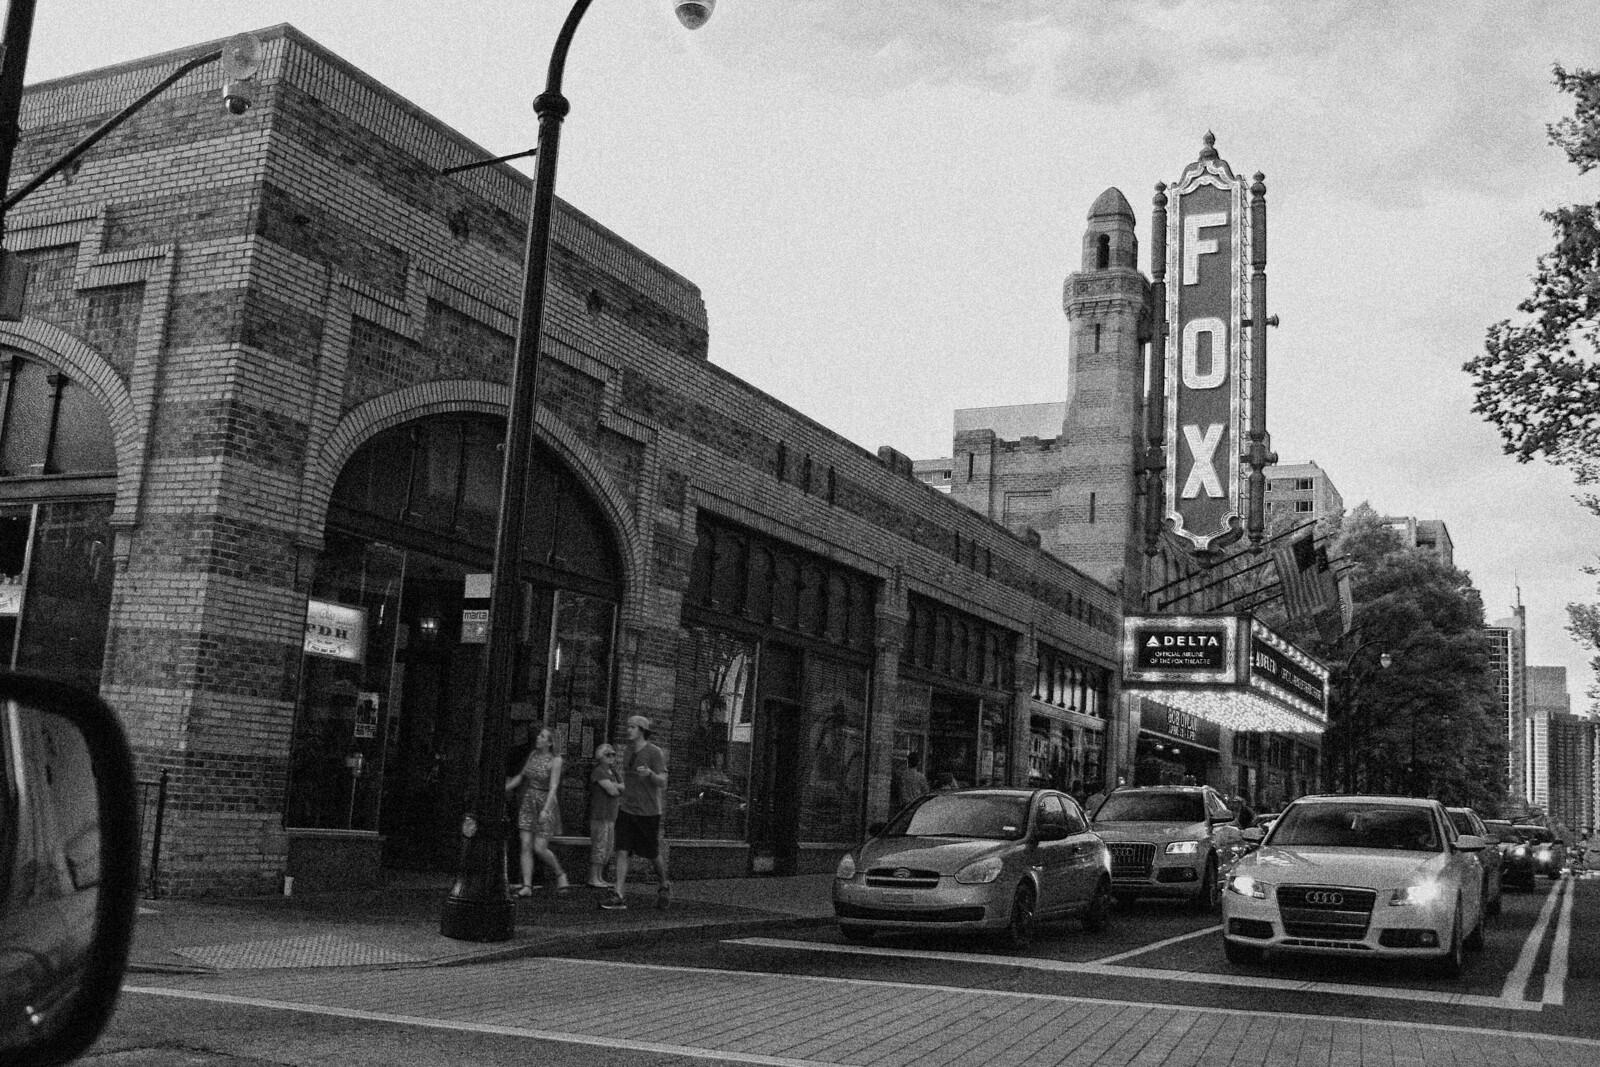 The Fox Theater, Atlanta, 2015